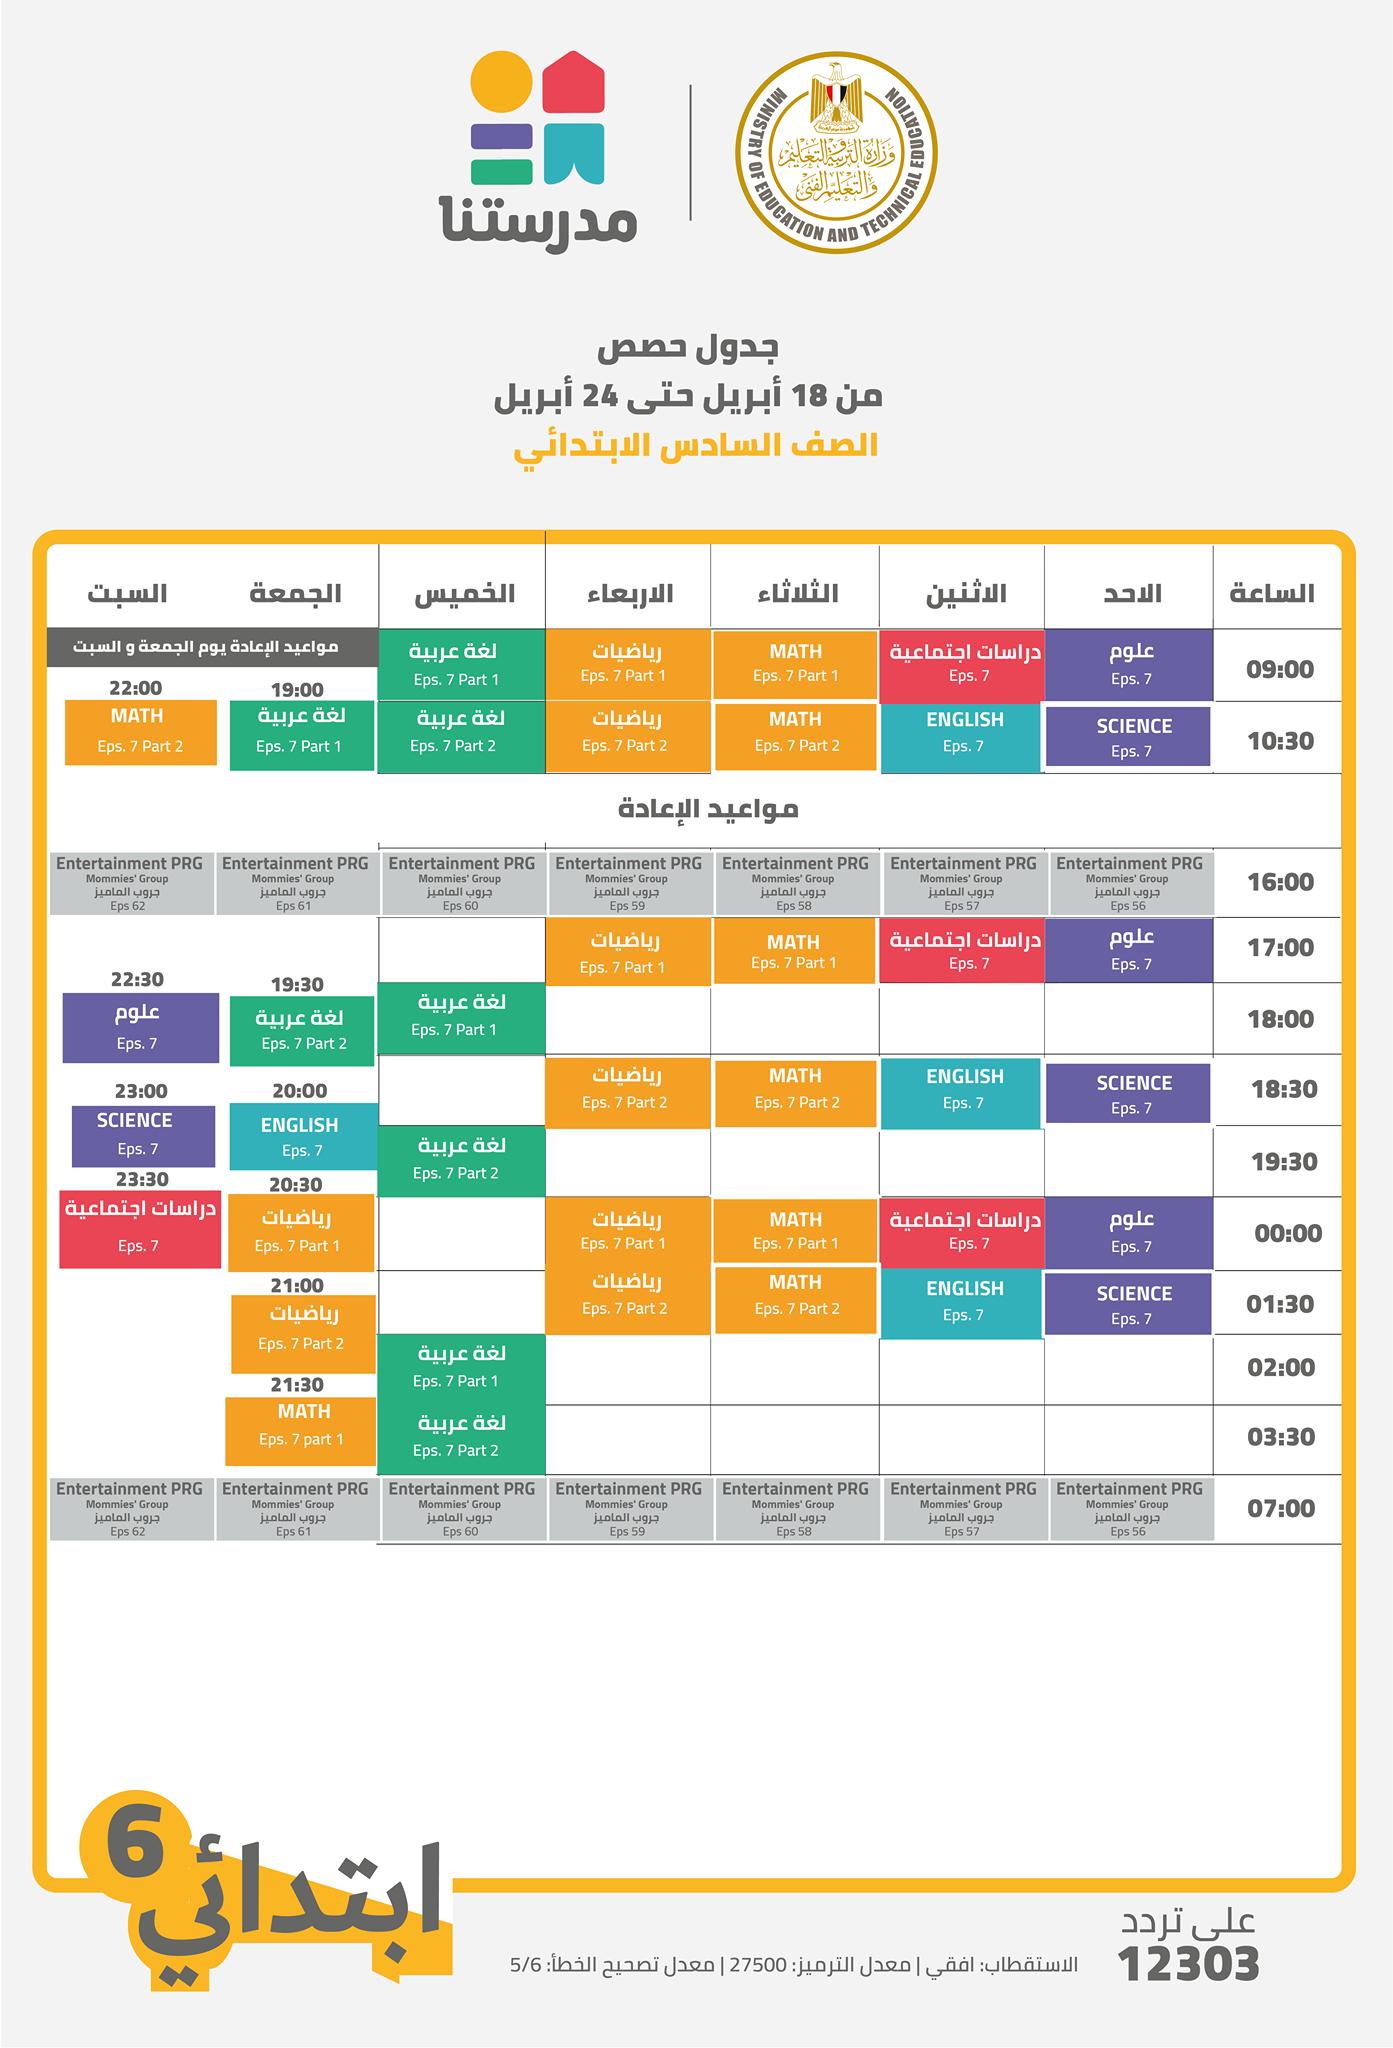 جدول مواعيد البرامج التعليمية للصف السادس الابتدائي علي قناة مدرستنا